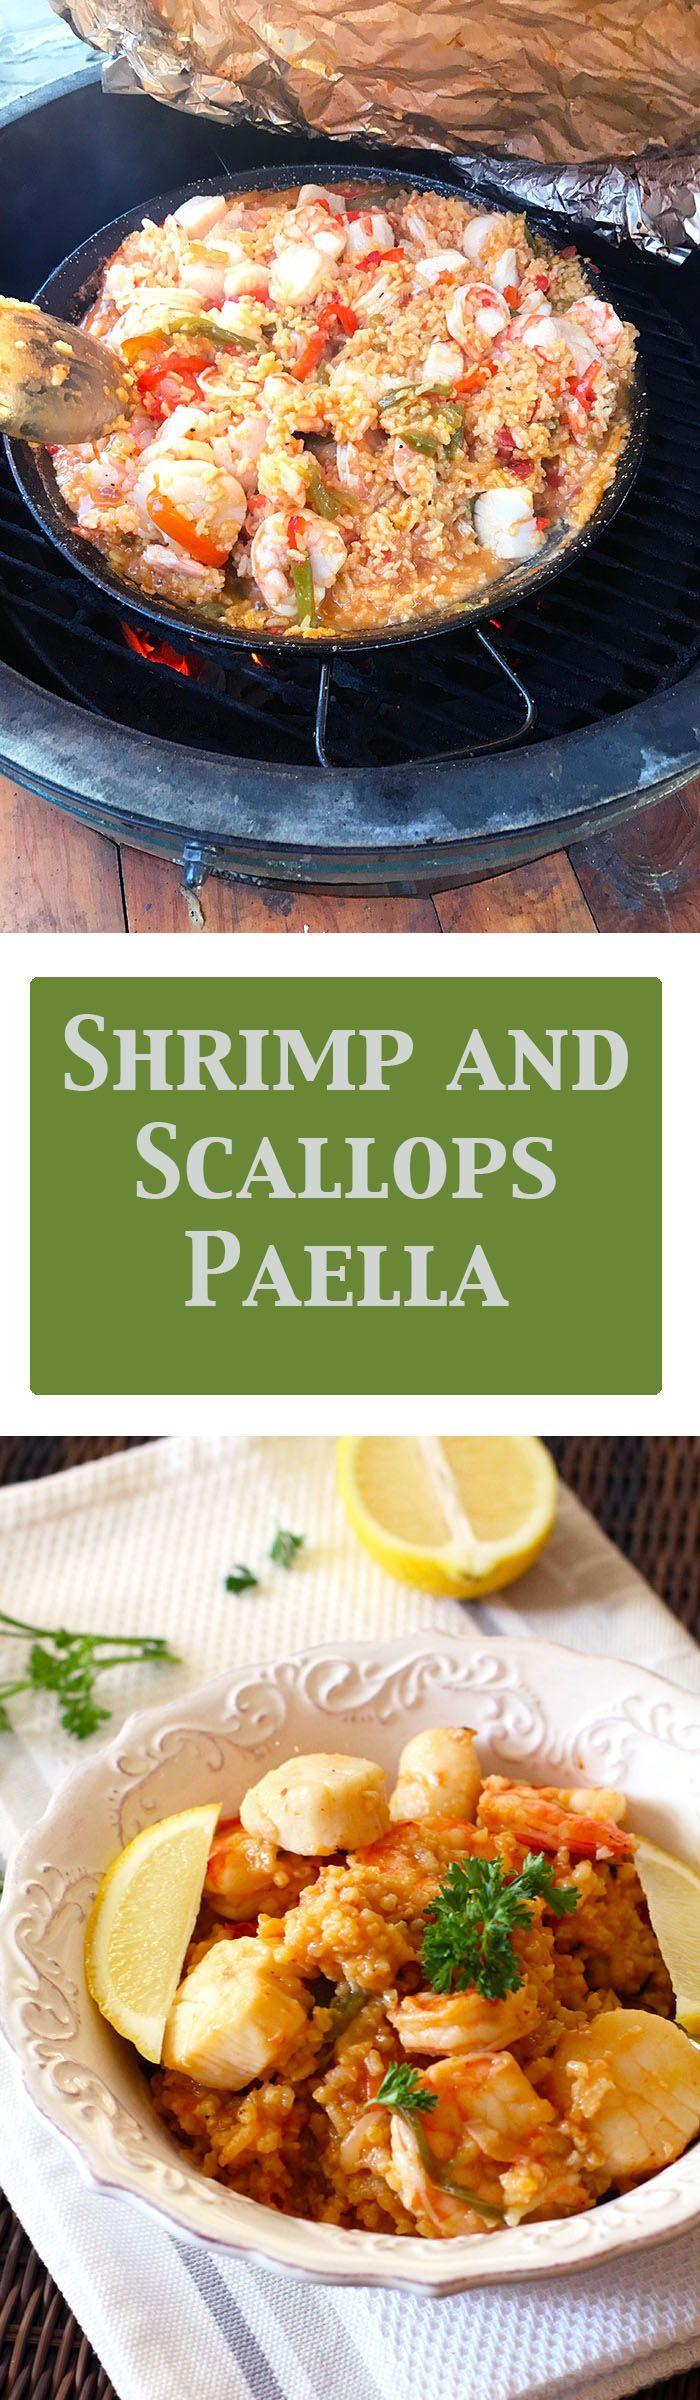 Shrimp And Scallop Paella Recipe — Dishmaps